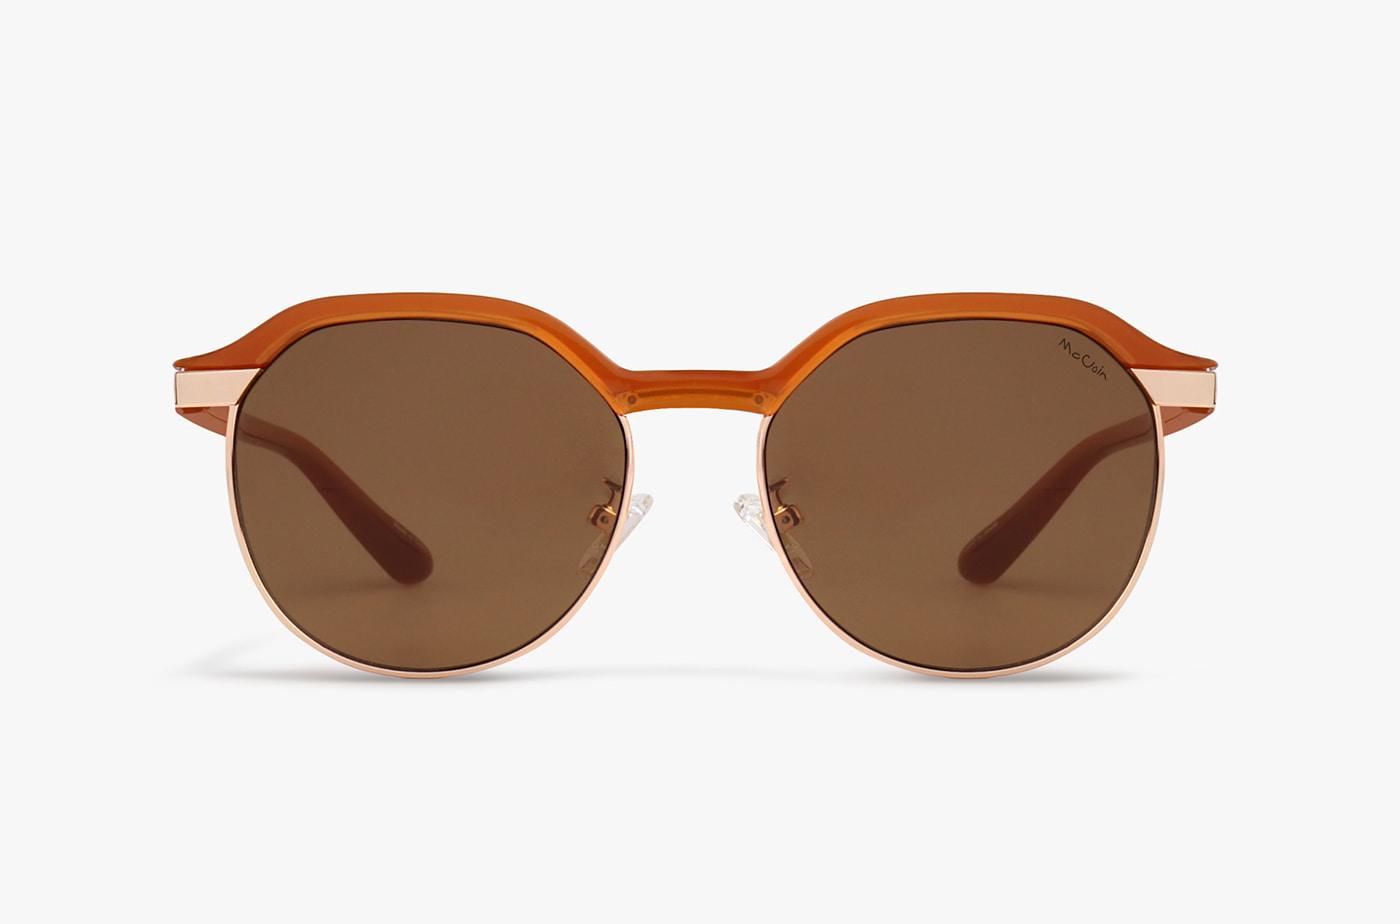 MUGGLE 03 머글 브라운 선글라스 - 맥코인, 72,000원, 안경/선글라스, 선글라스